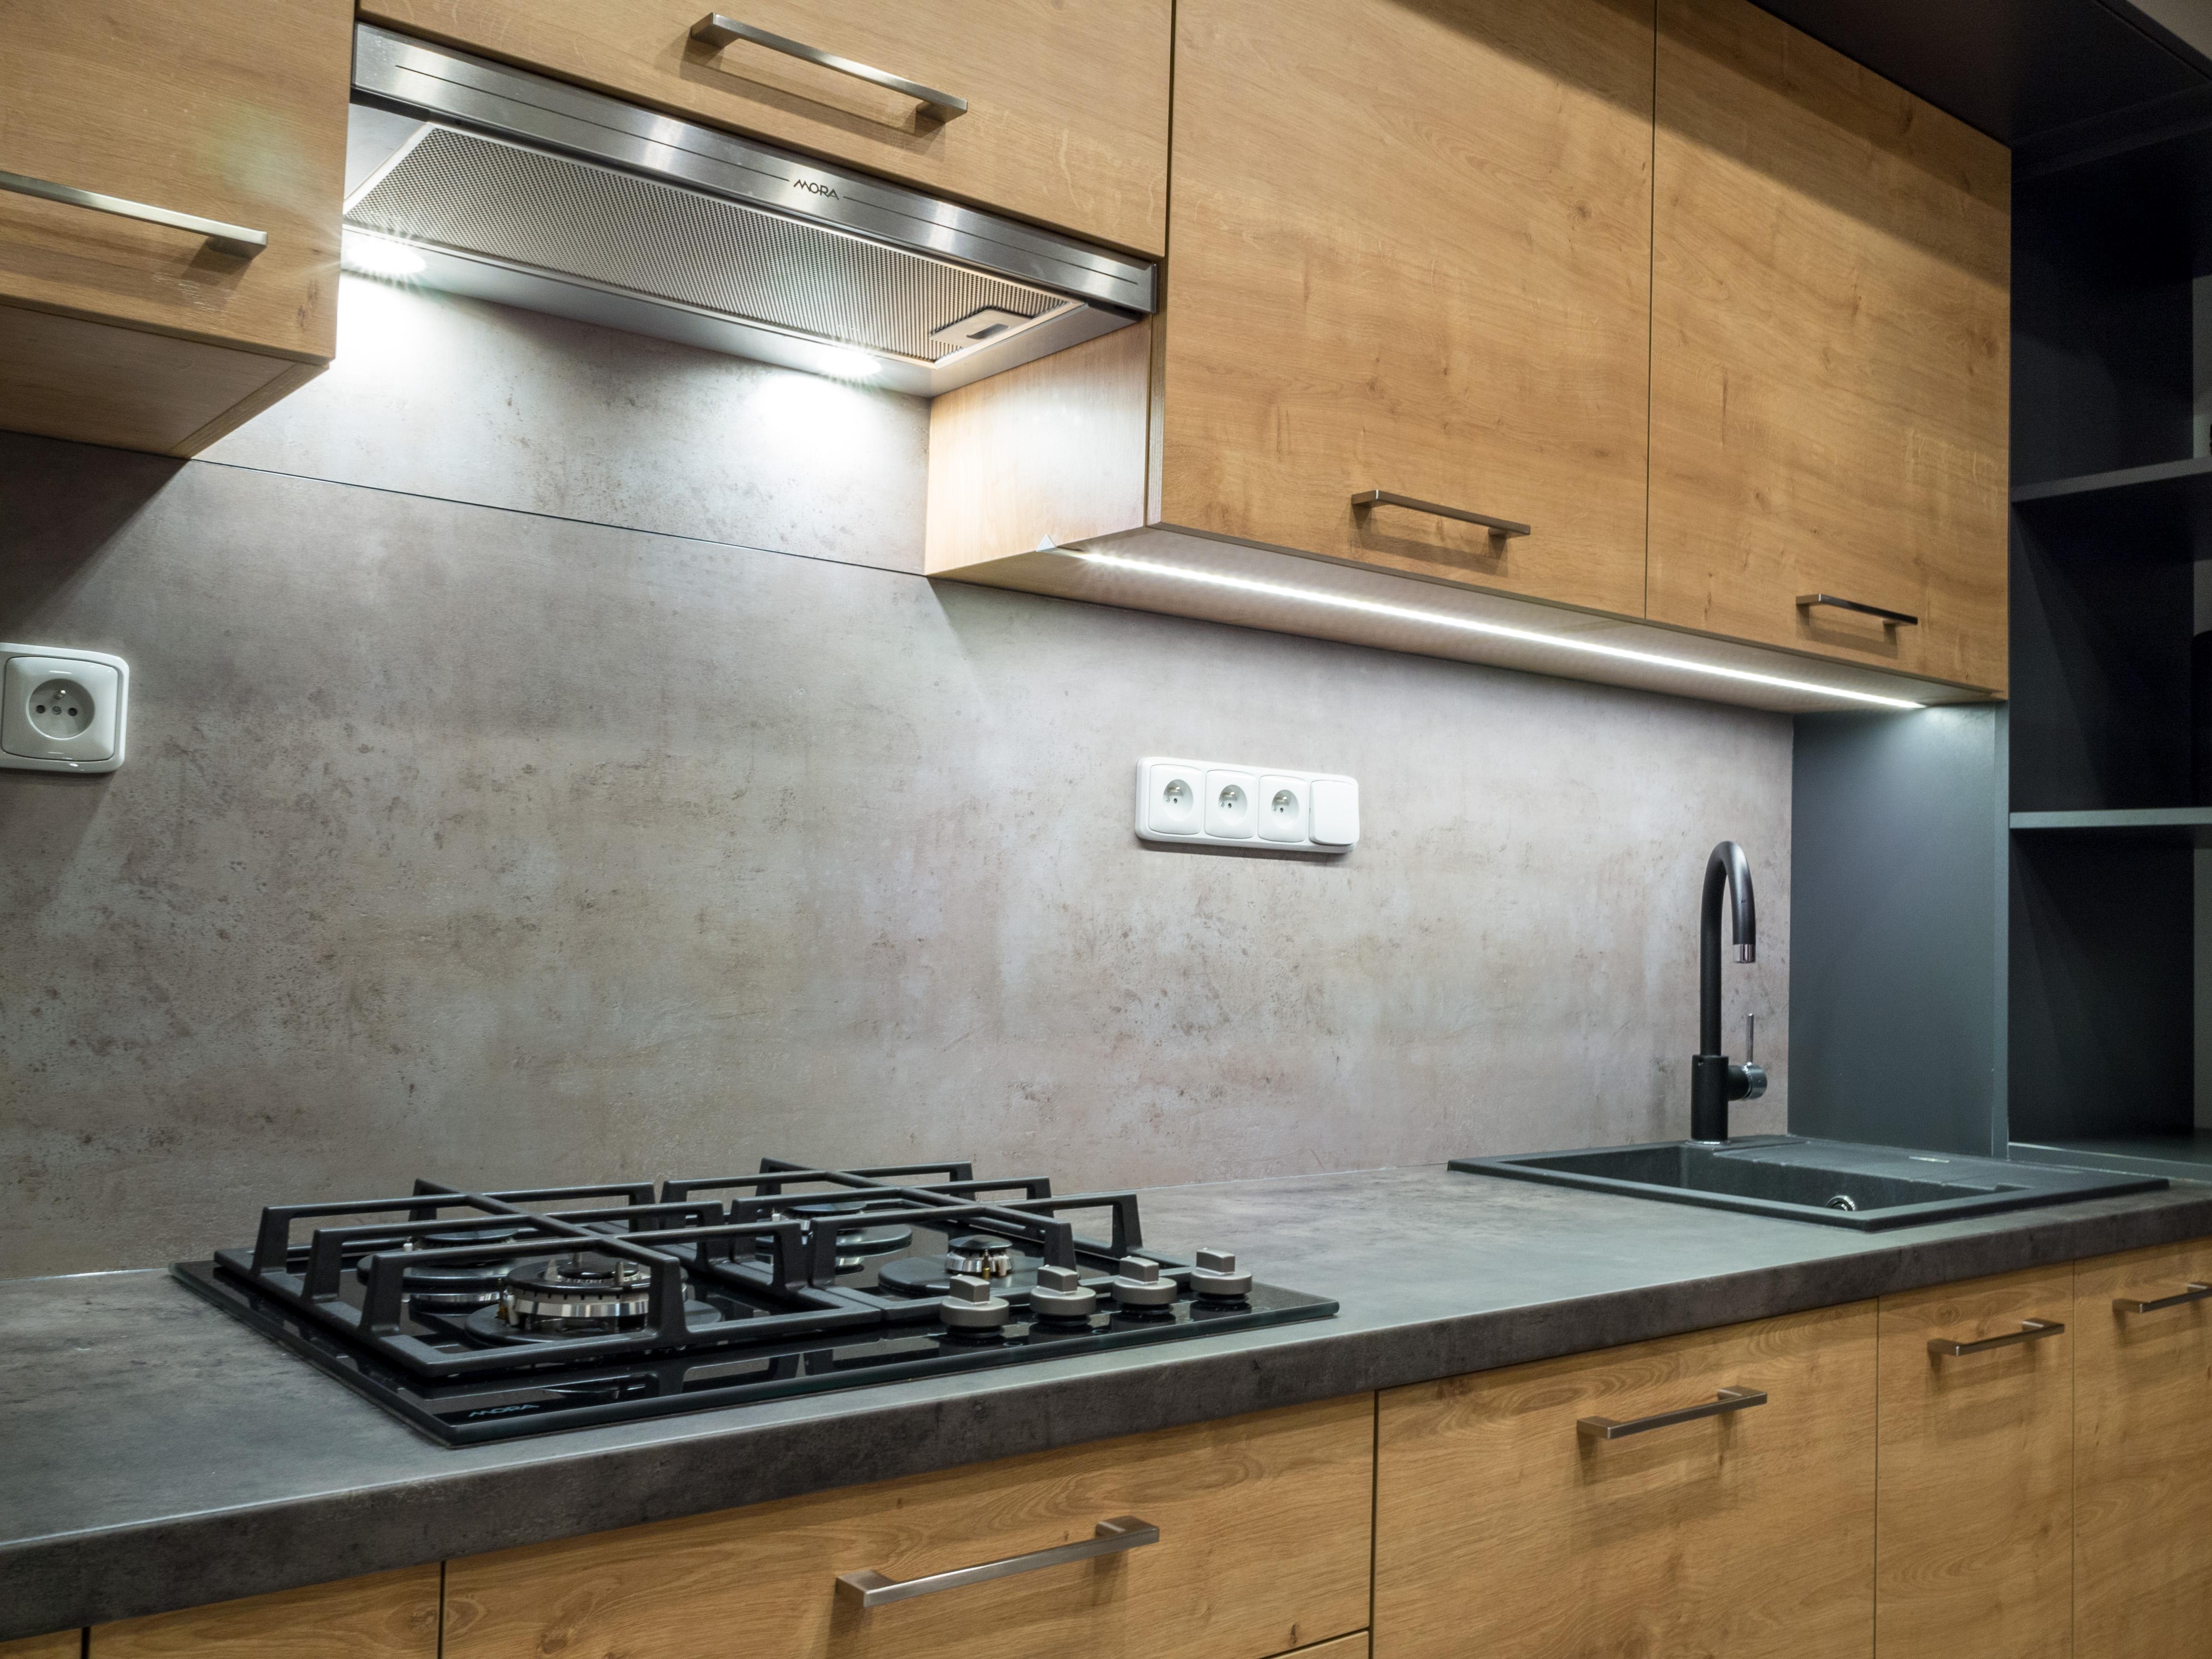 Kuchyňská linka dub / antracit / beton